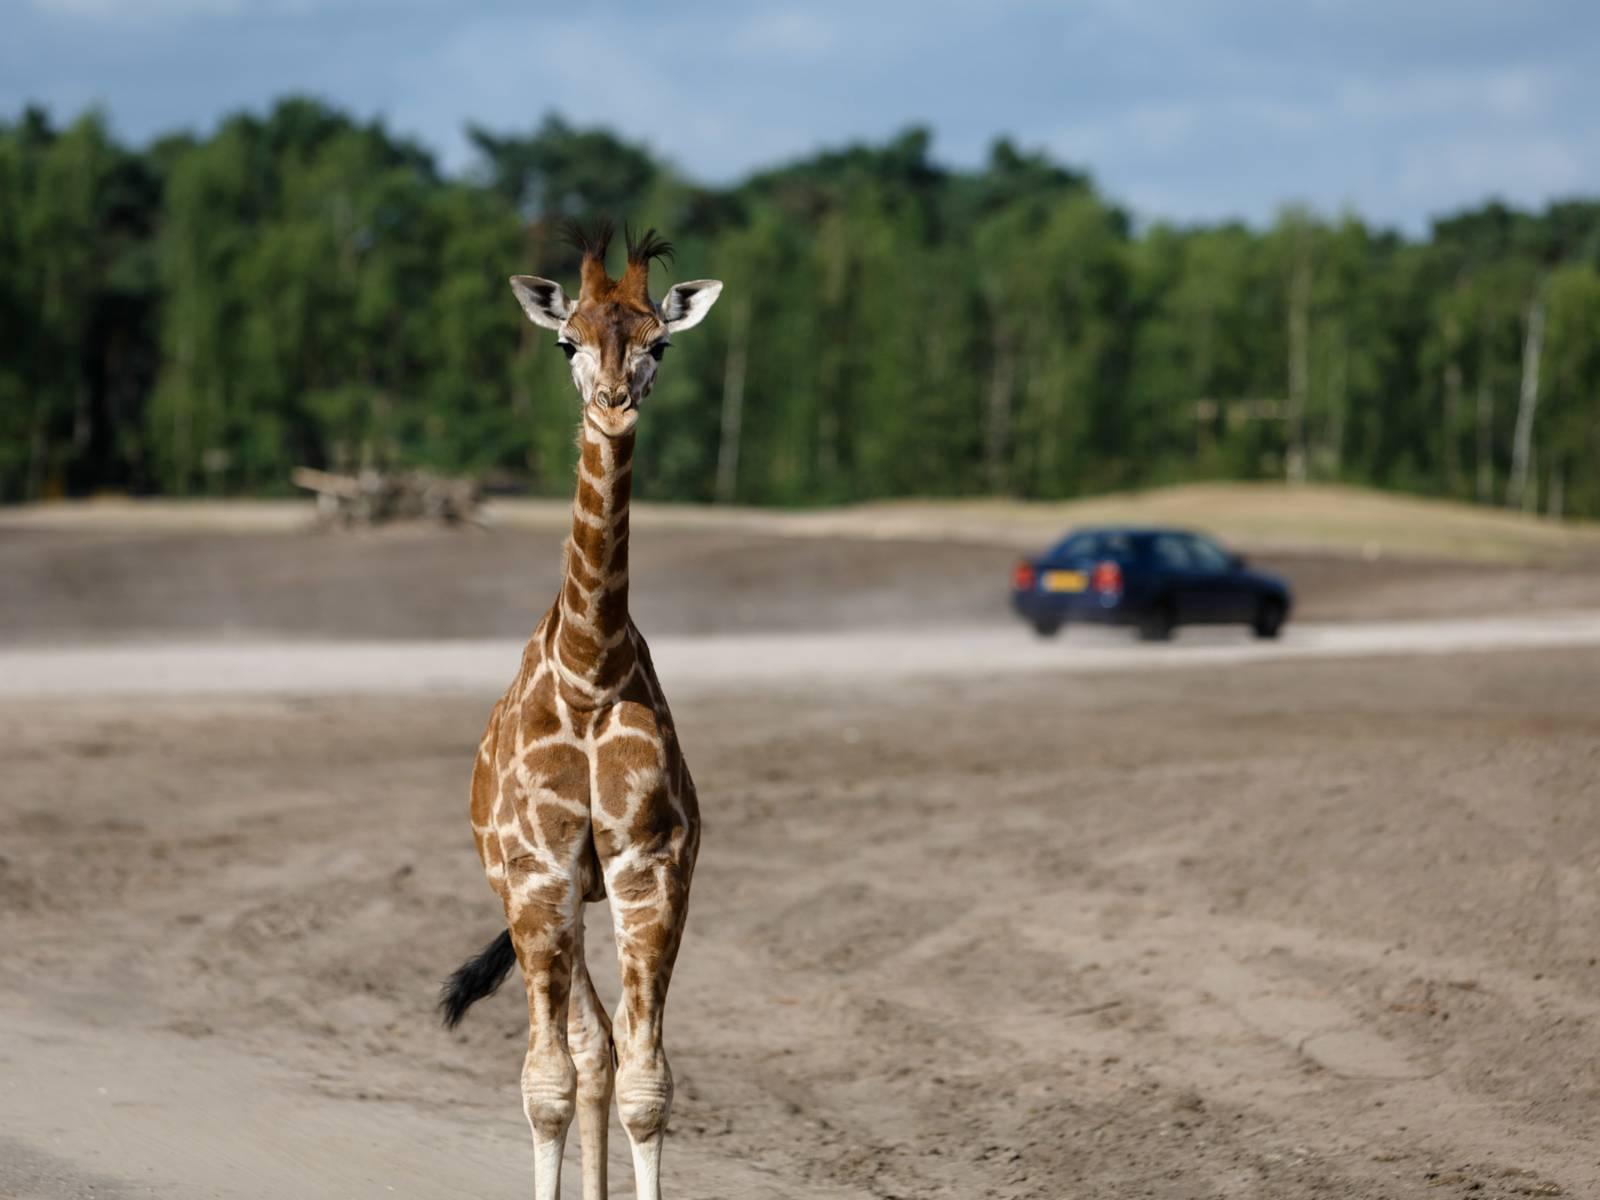 Het Gezinsleven - Uitstapjes - Dierentuin / bezienswaardigheden - Beekse Bergen: kom de Big Five spotten! - De 10 mooiste bezienswaardigheden in Brabant - Giraf bekijken tijdens een autosafari